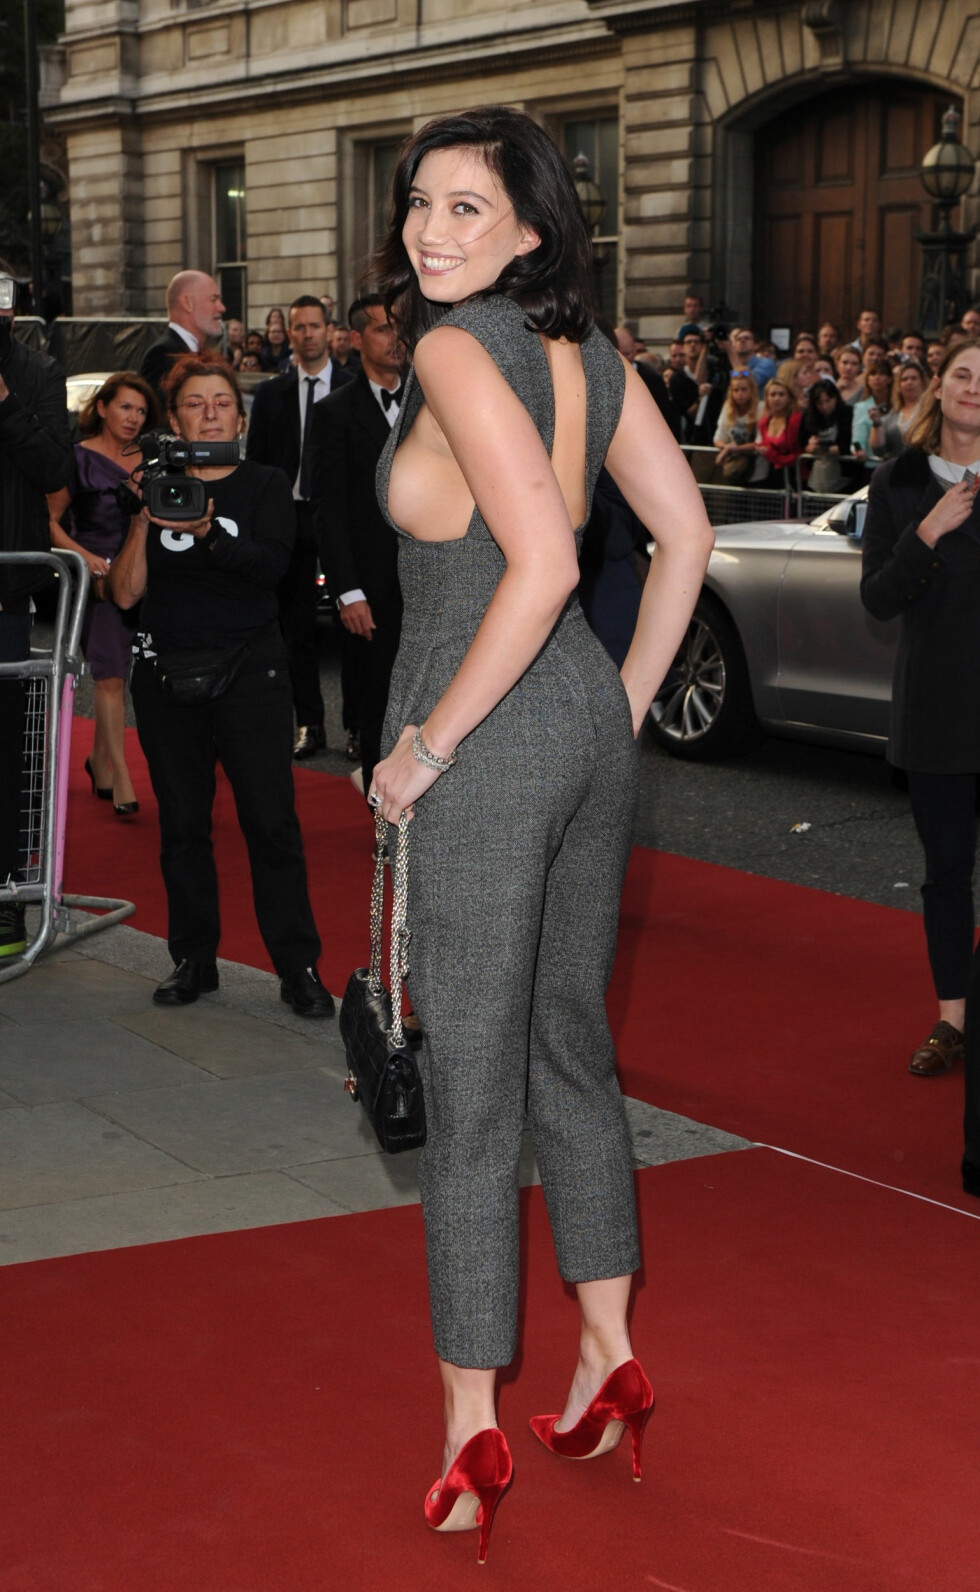 IKKE BLYG: Daisy Lowes antrekk var ekstra dristig fra enkelte vinkler, da hun smilte til fotografene ved ankomsten til The Royal Opera House tirsdag. Foto: Stella Pictures